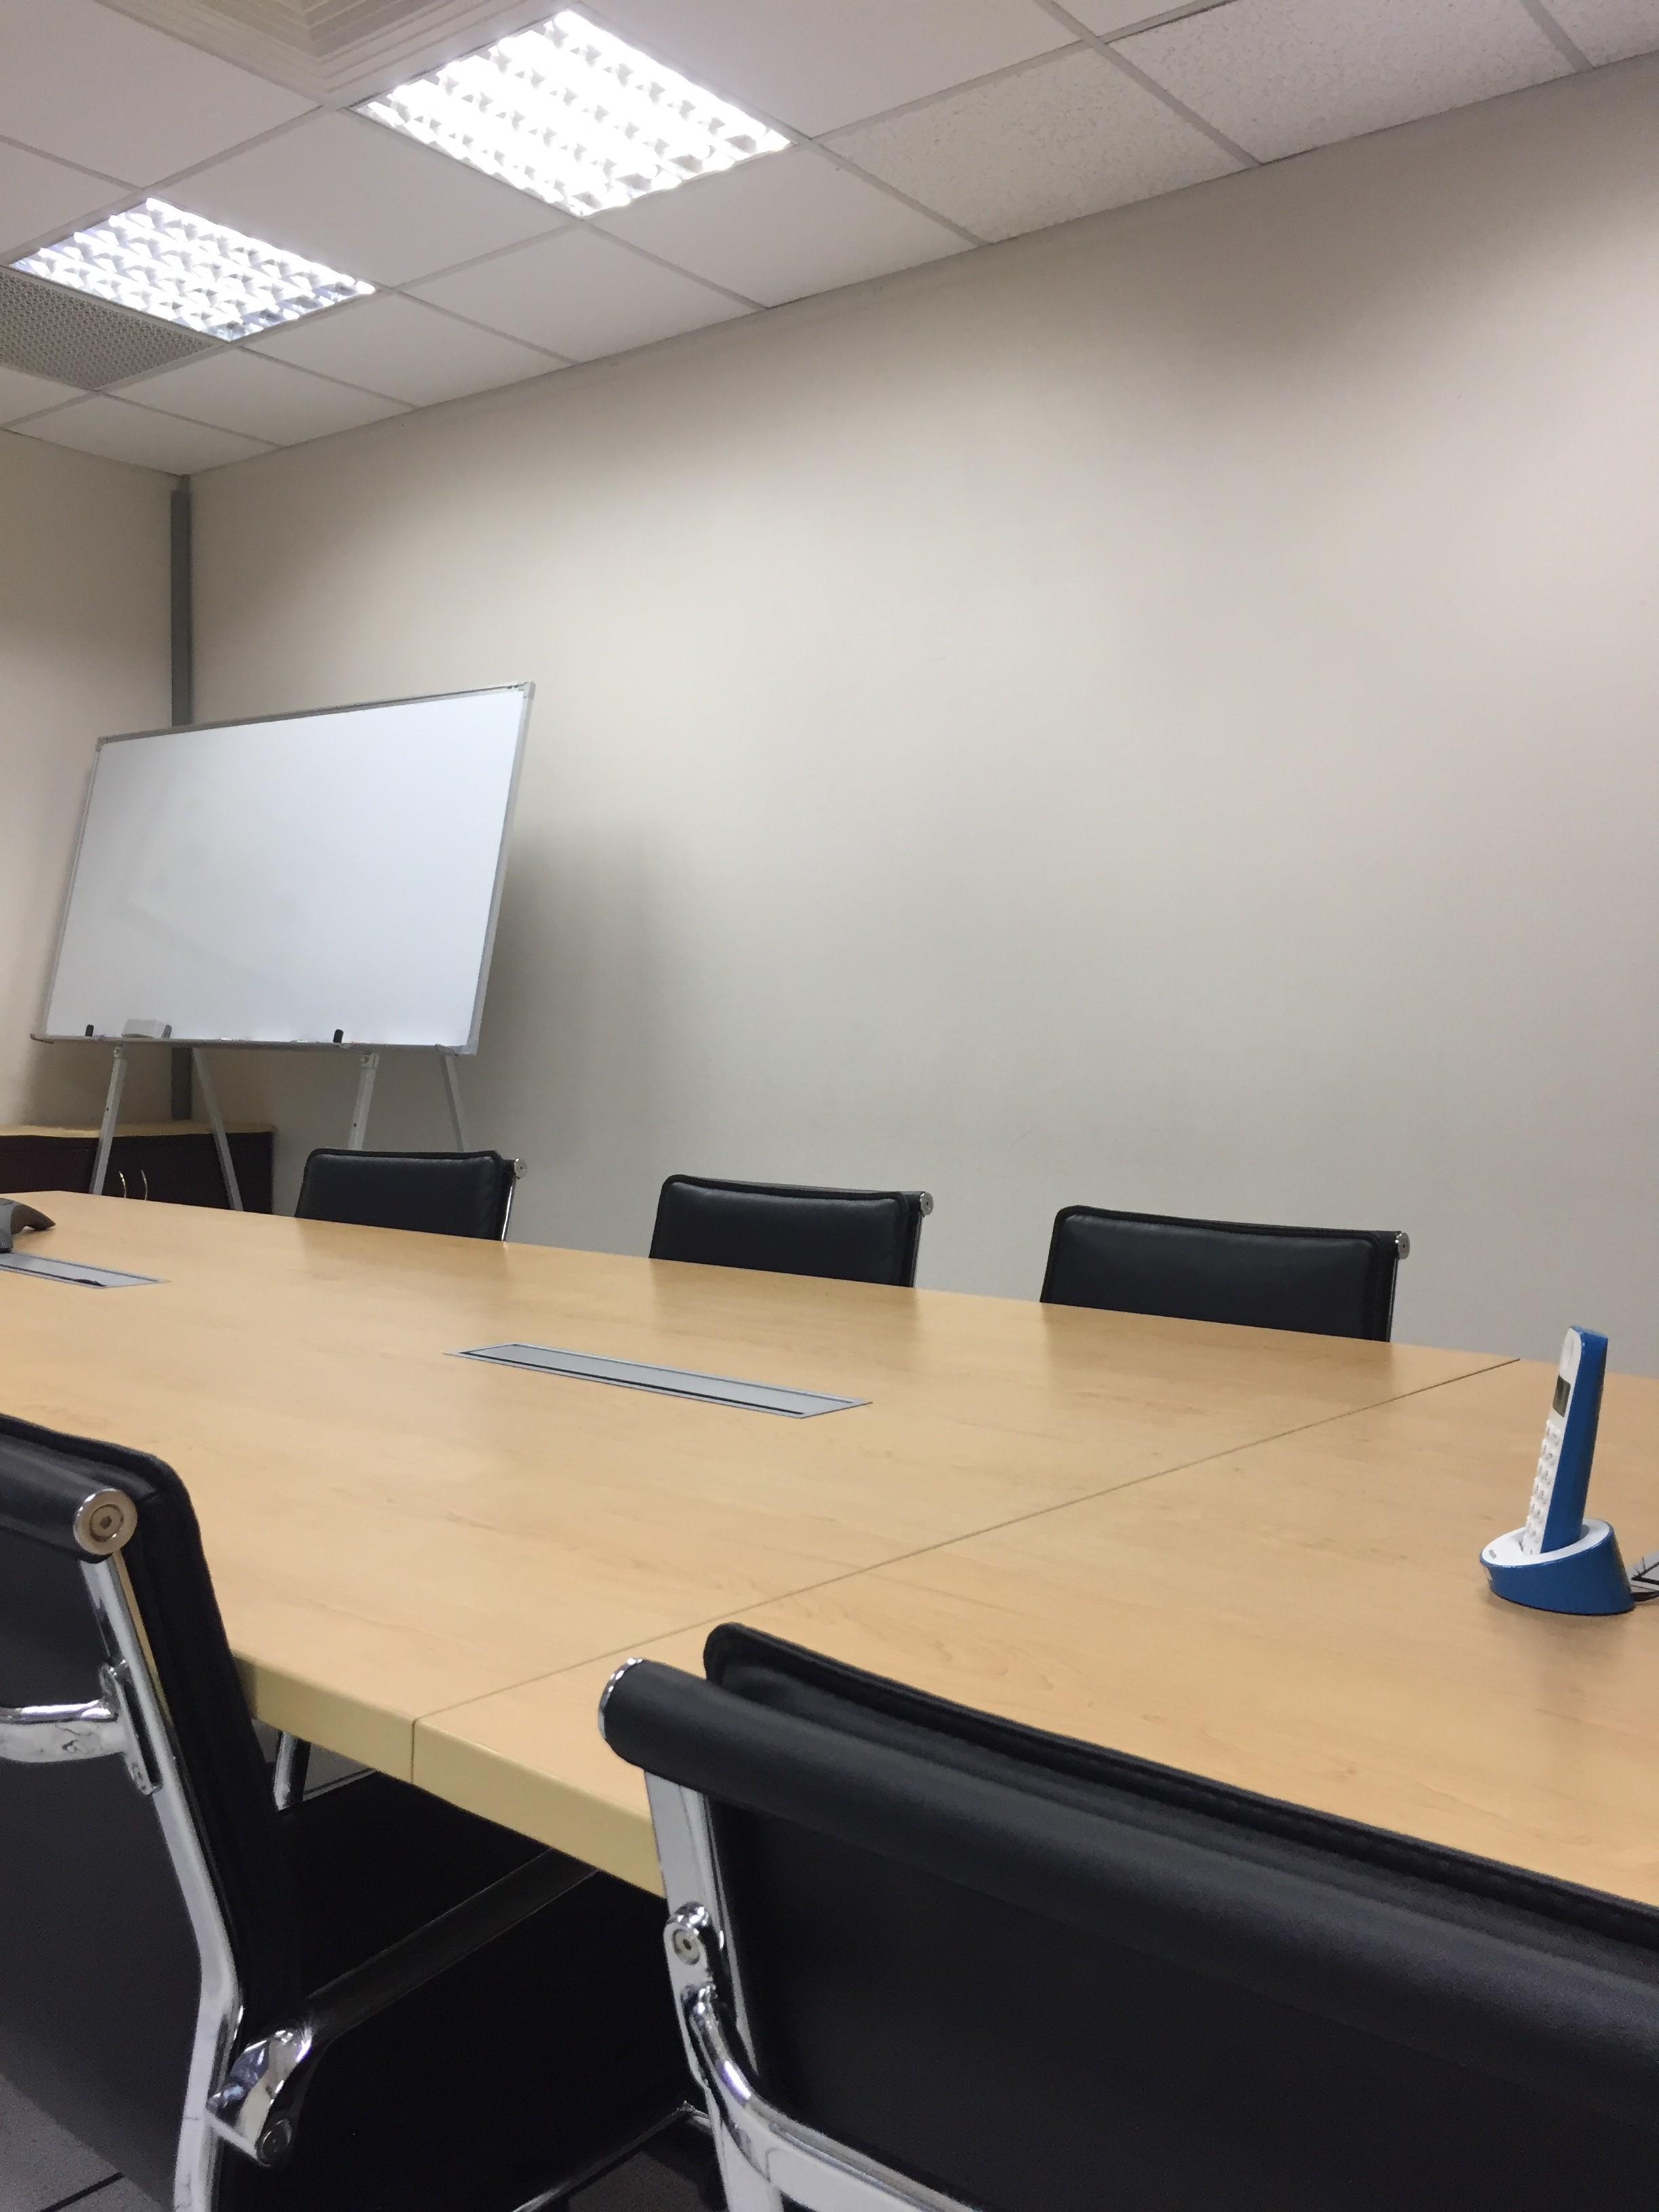 辦公室(圖/記者余宙攝)